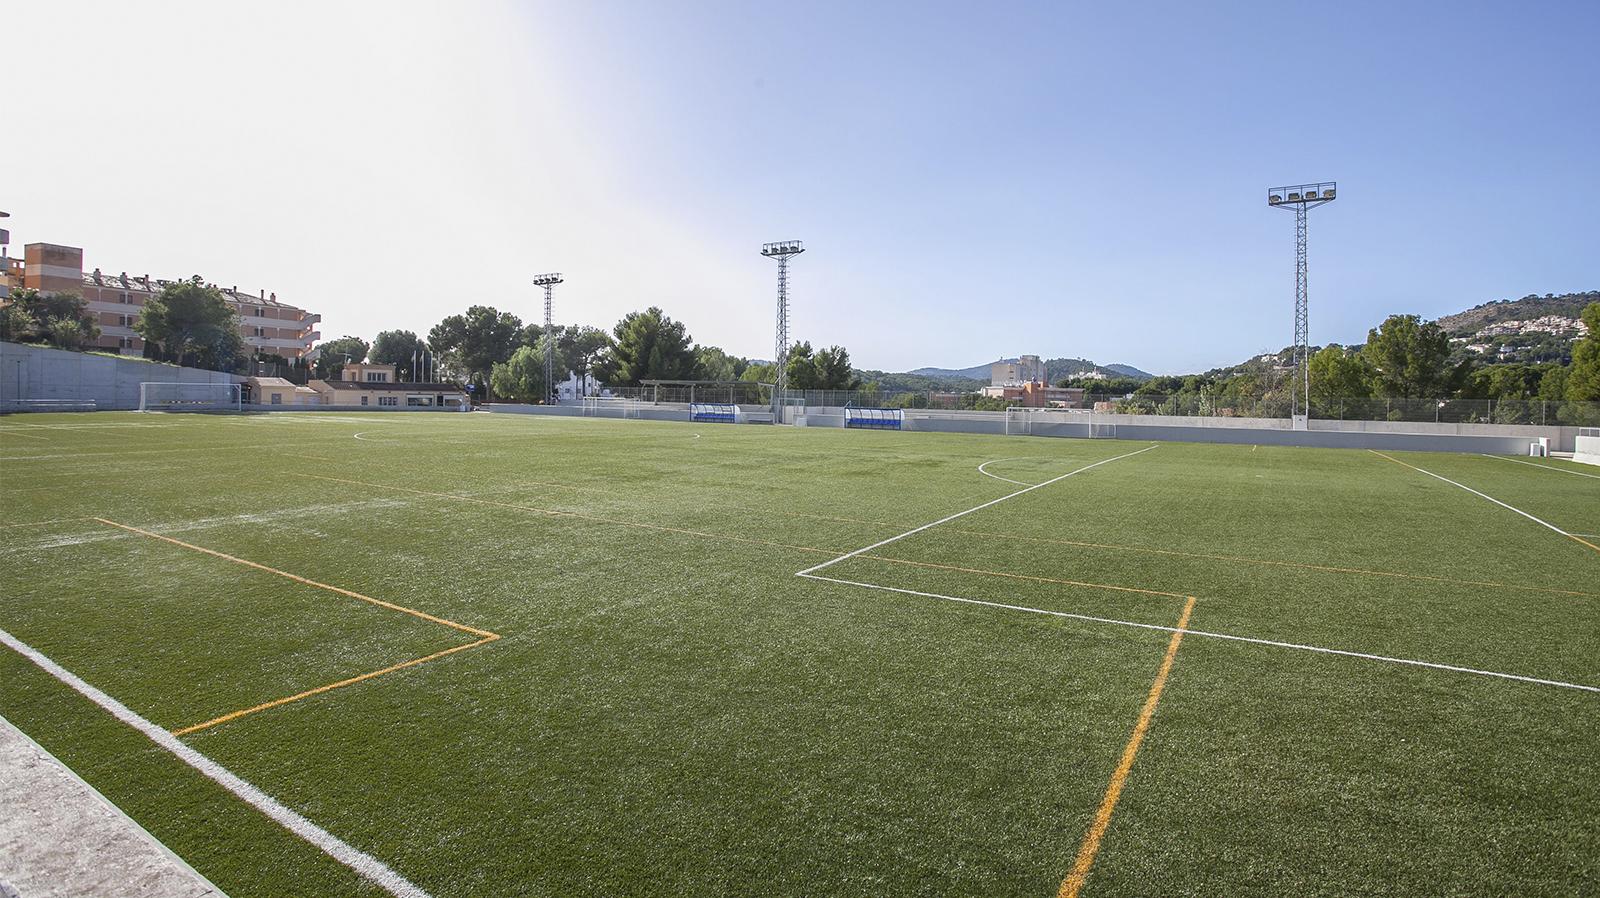 Football in Peguera Mallorca. Football Preseason training in Peguera. Entrenar fútbol en Mallorca